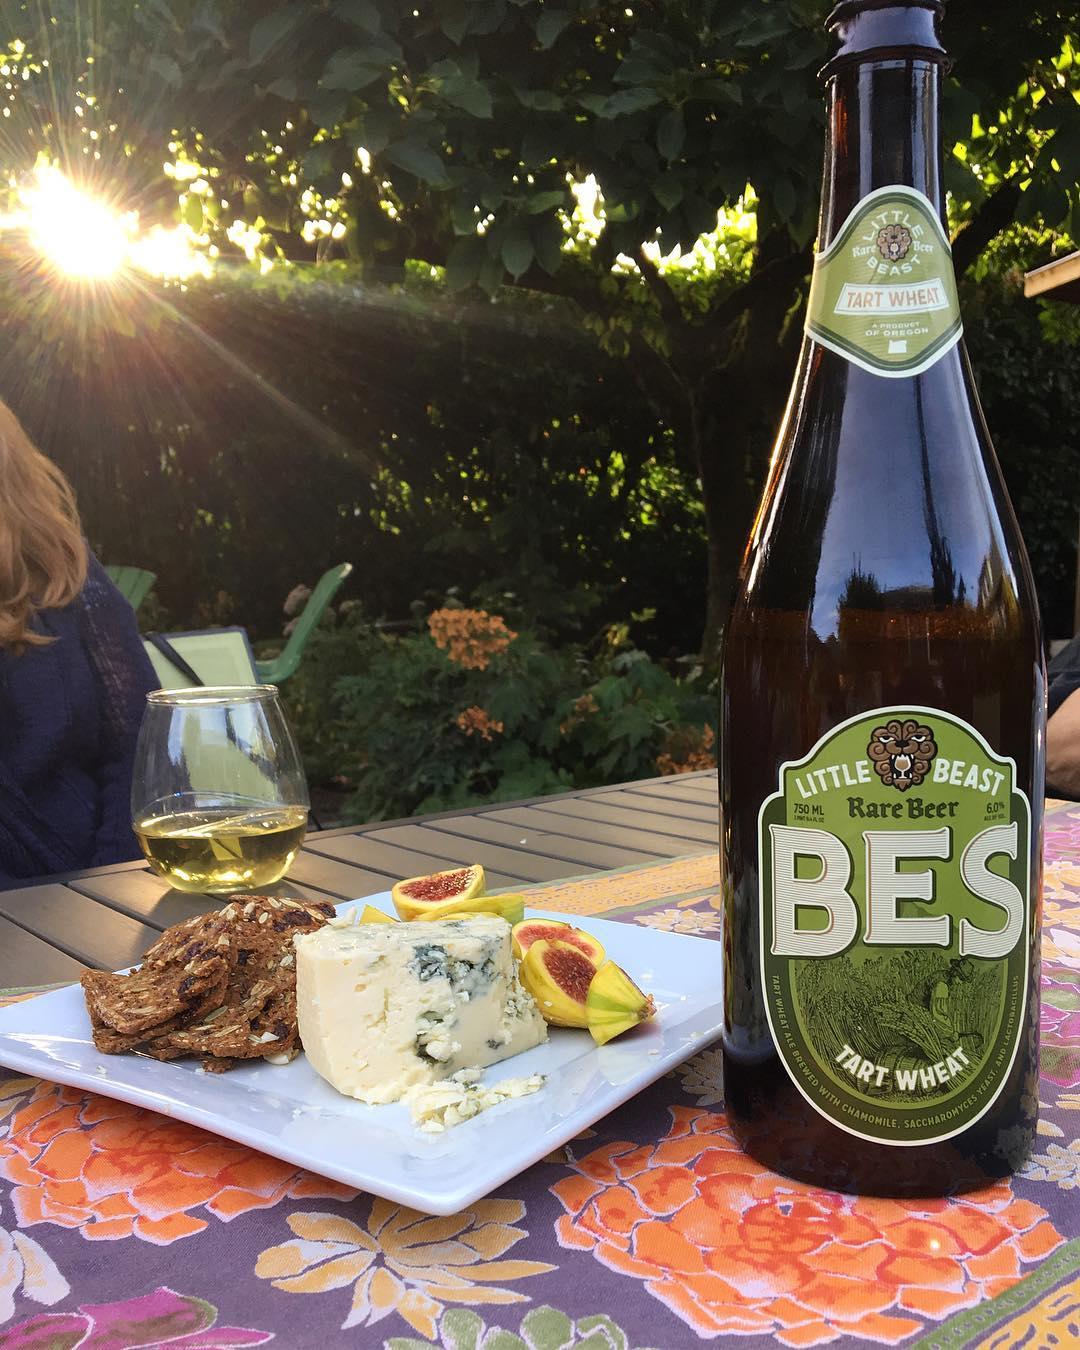 Golden hour with wonderful women, regal dogs, delicious food, and as if that weren't enough, this beer.✨#craftbeer #beer #instabeer #beerstagram #oregonbeer #littlebeast #wheatbeer #cicerone #mybeeryear